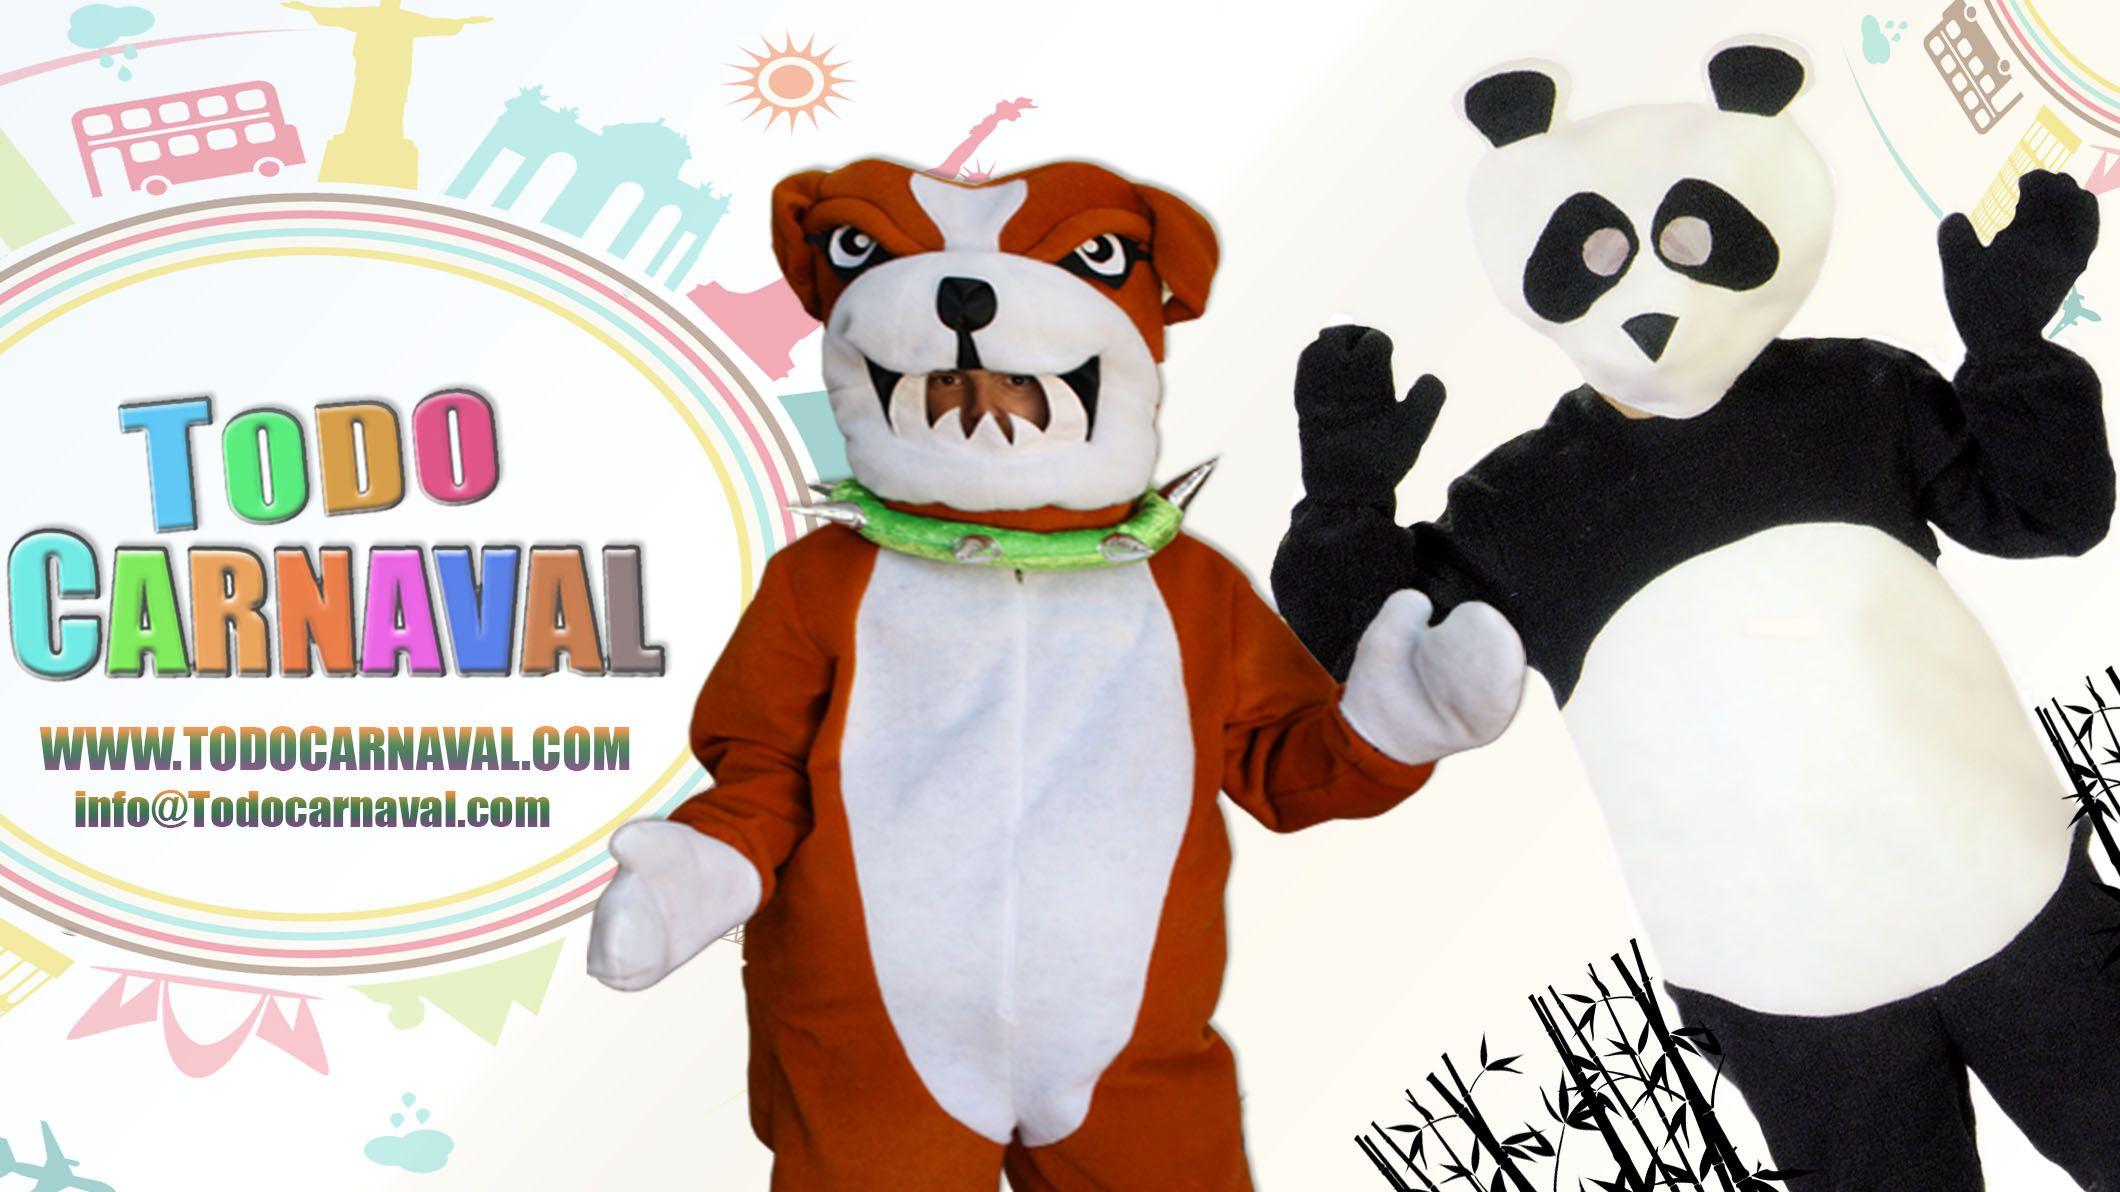 TodoCarnaval | Tienda online de disfraces originales, Contamos con un gran catalogo de disfraces originales para tus fiestas populares. #carnaval #disfraces www.todocarnaval.com